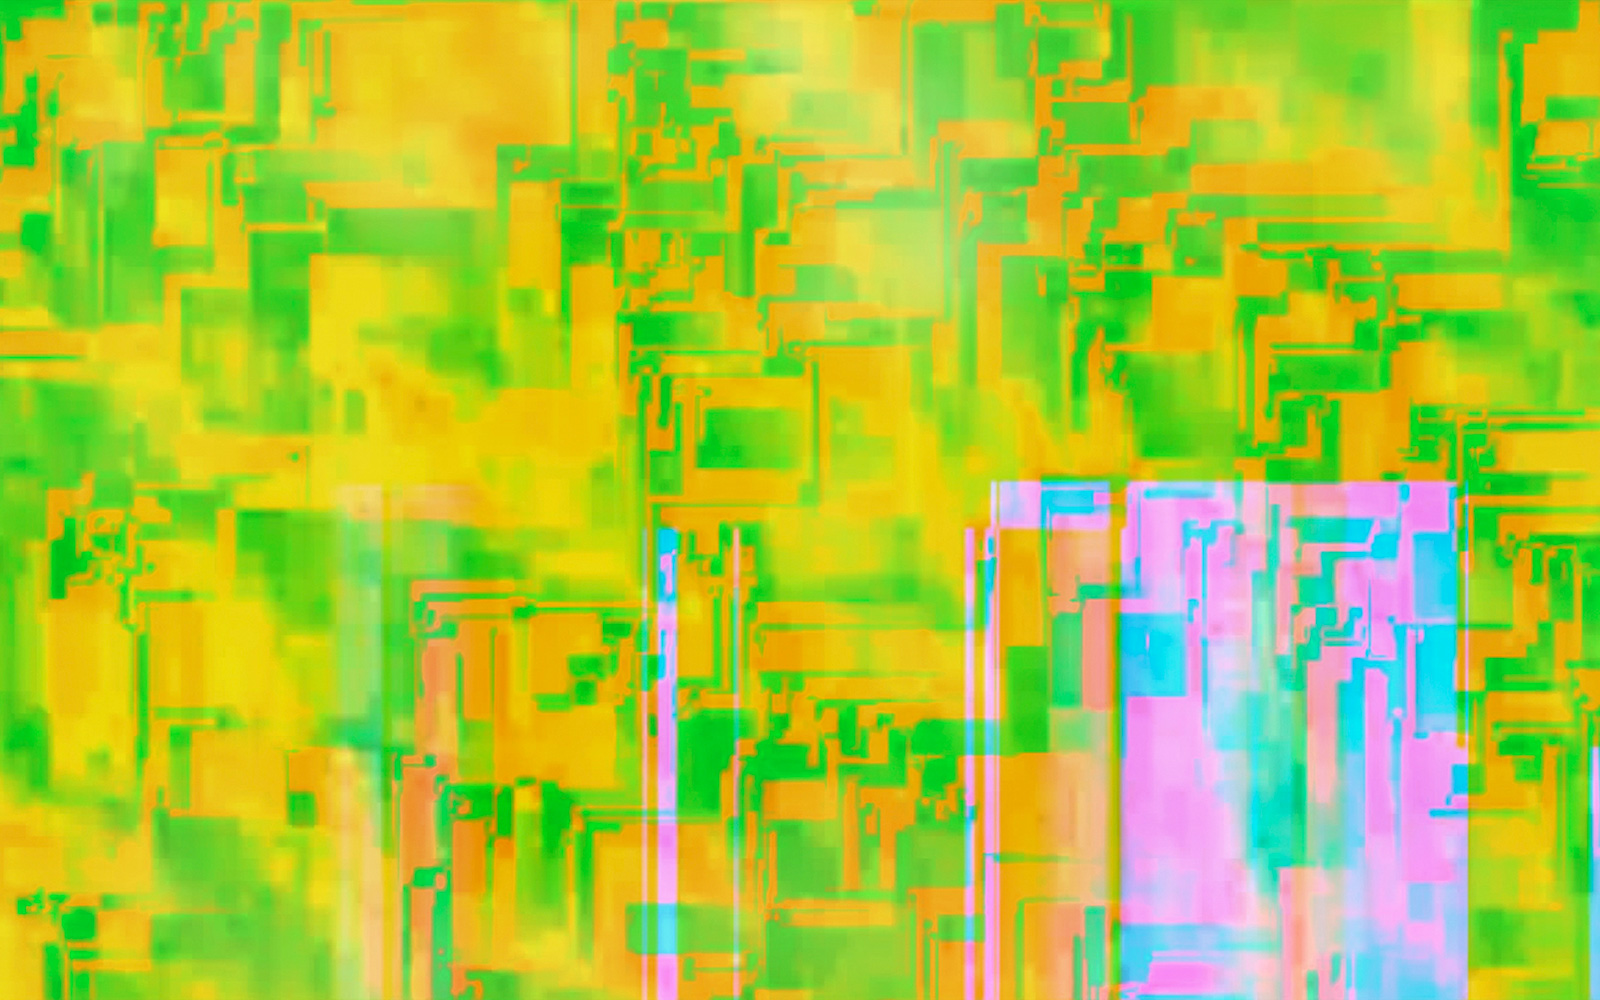 Elias Wessel   Cityscapes #5 , 2014-15  Color Photograph  152,4 x 243,8 cm